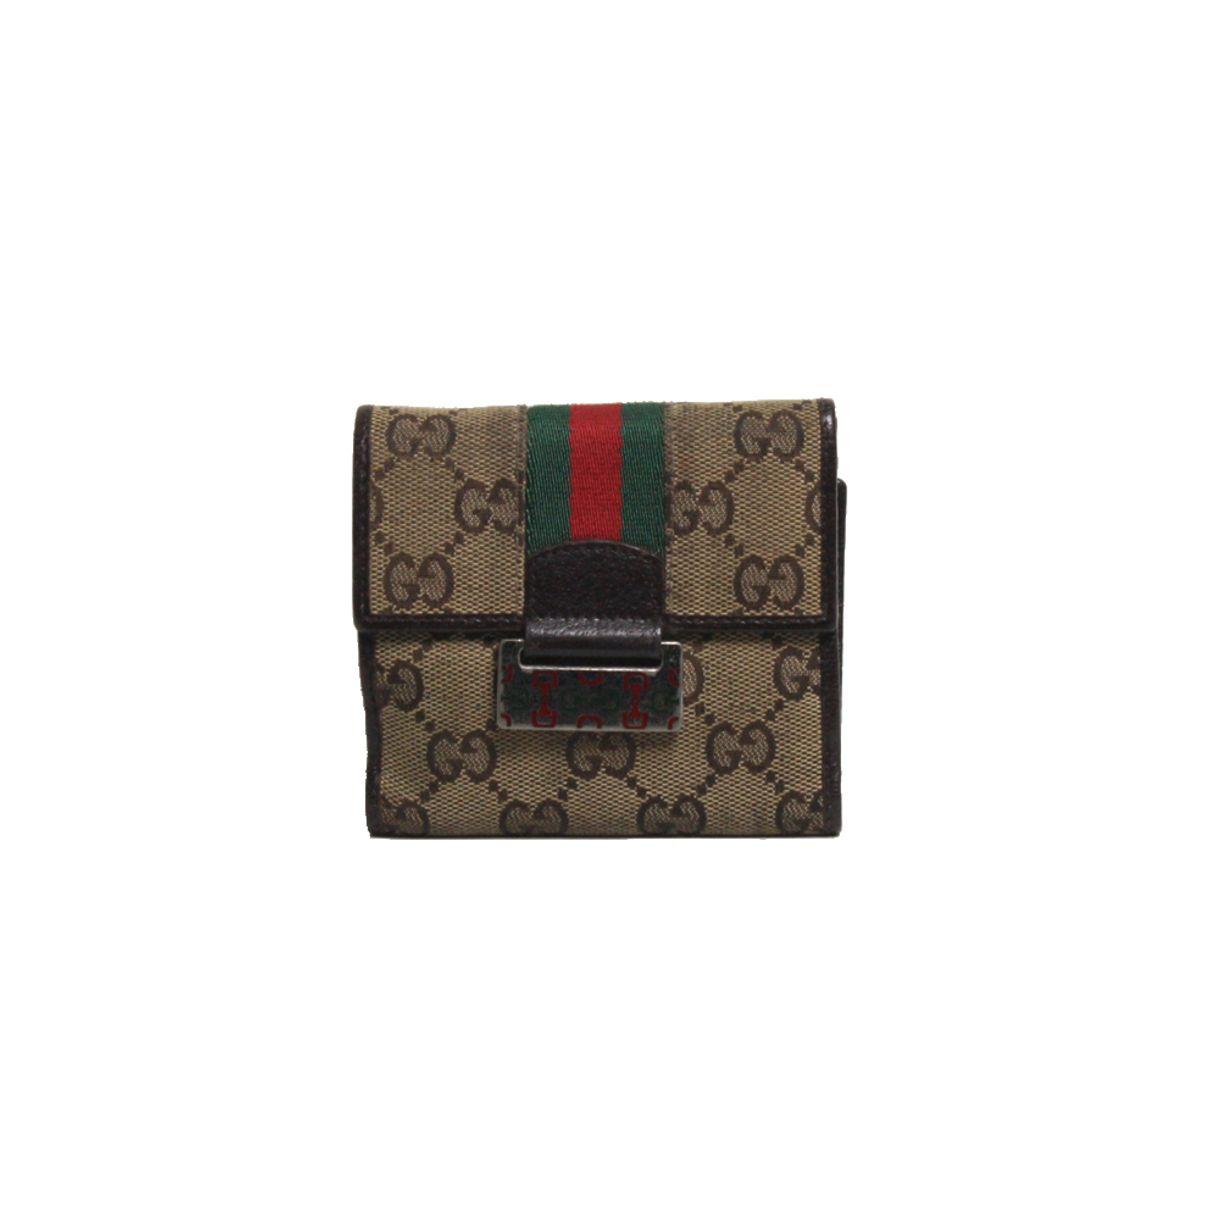 Carteira-Gucci-Canvas